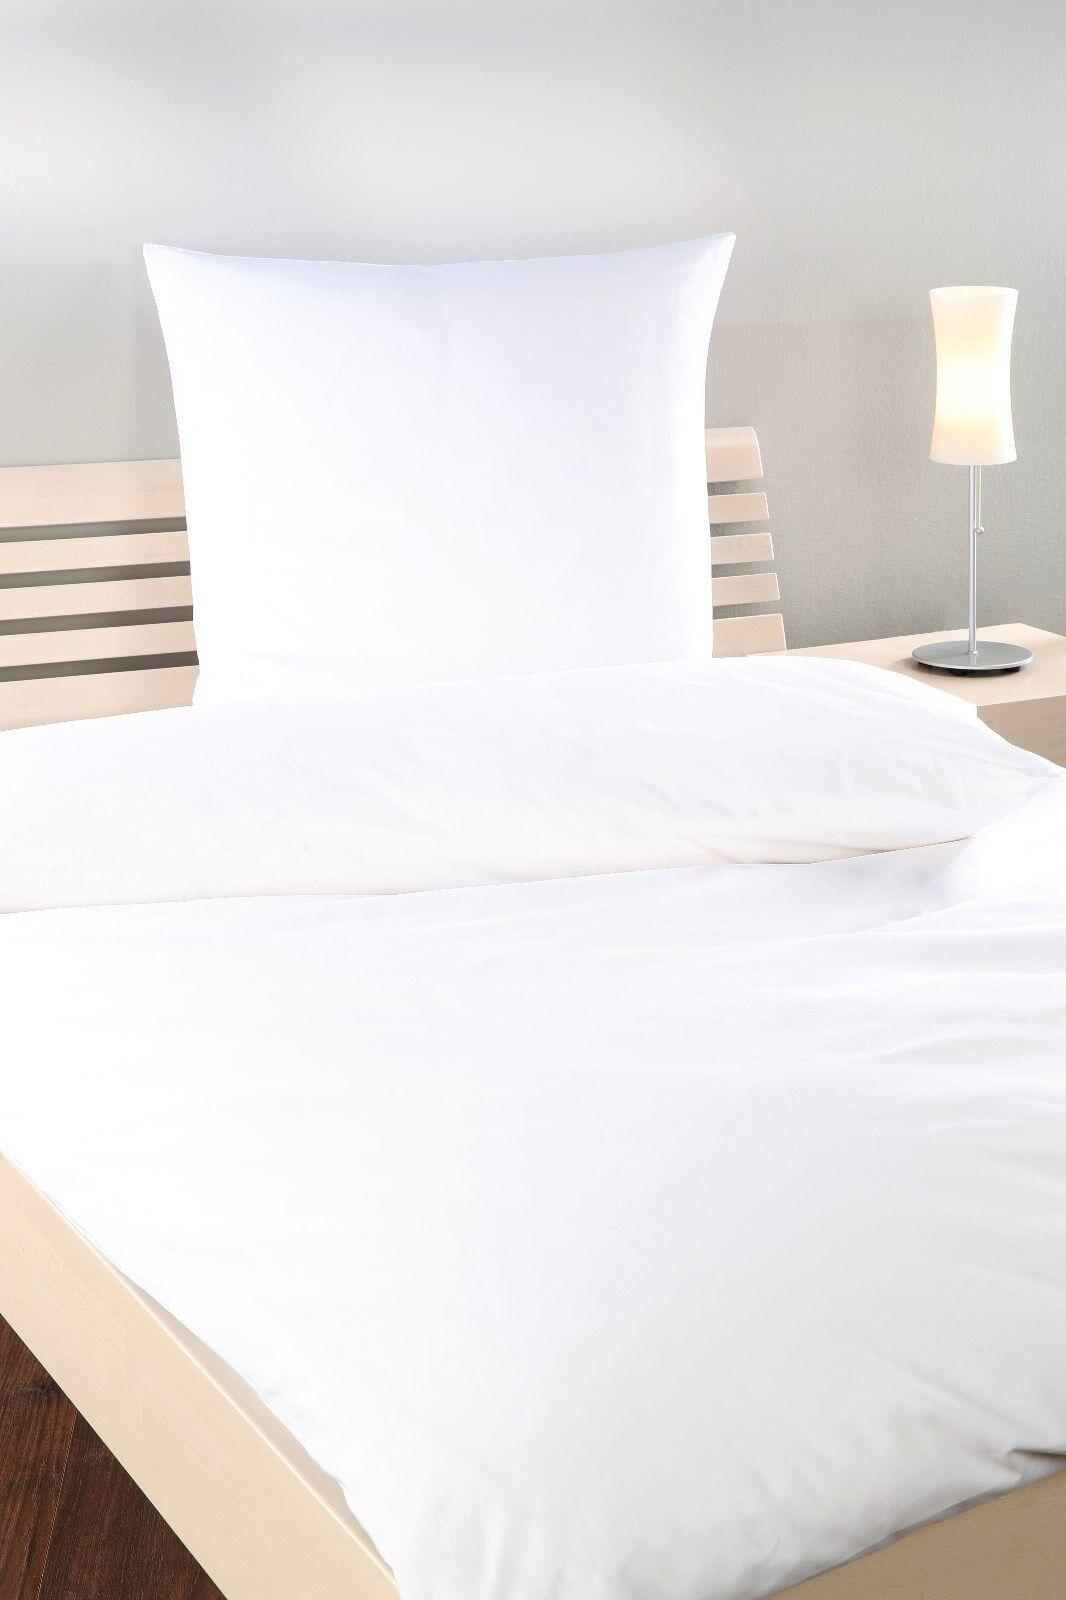 2-100x Spannbettlaken 90-100x200 cm weiß 165g m² Bettlaken Jersey Hotel